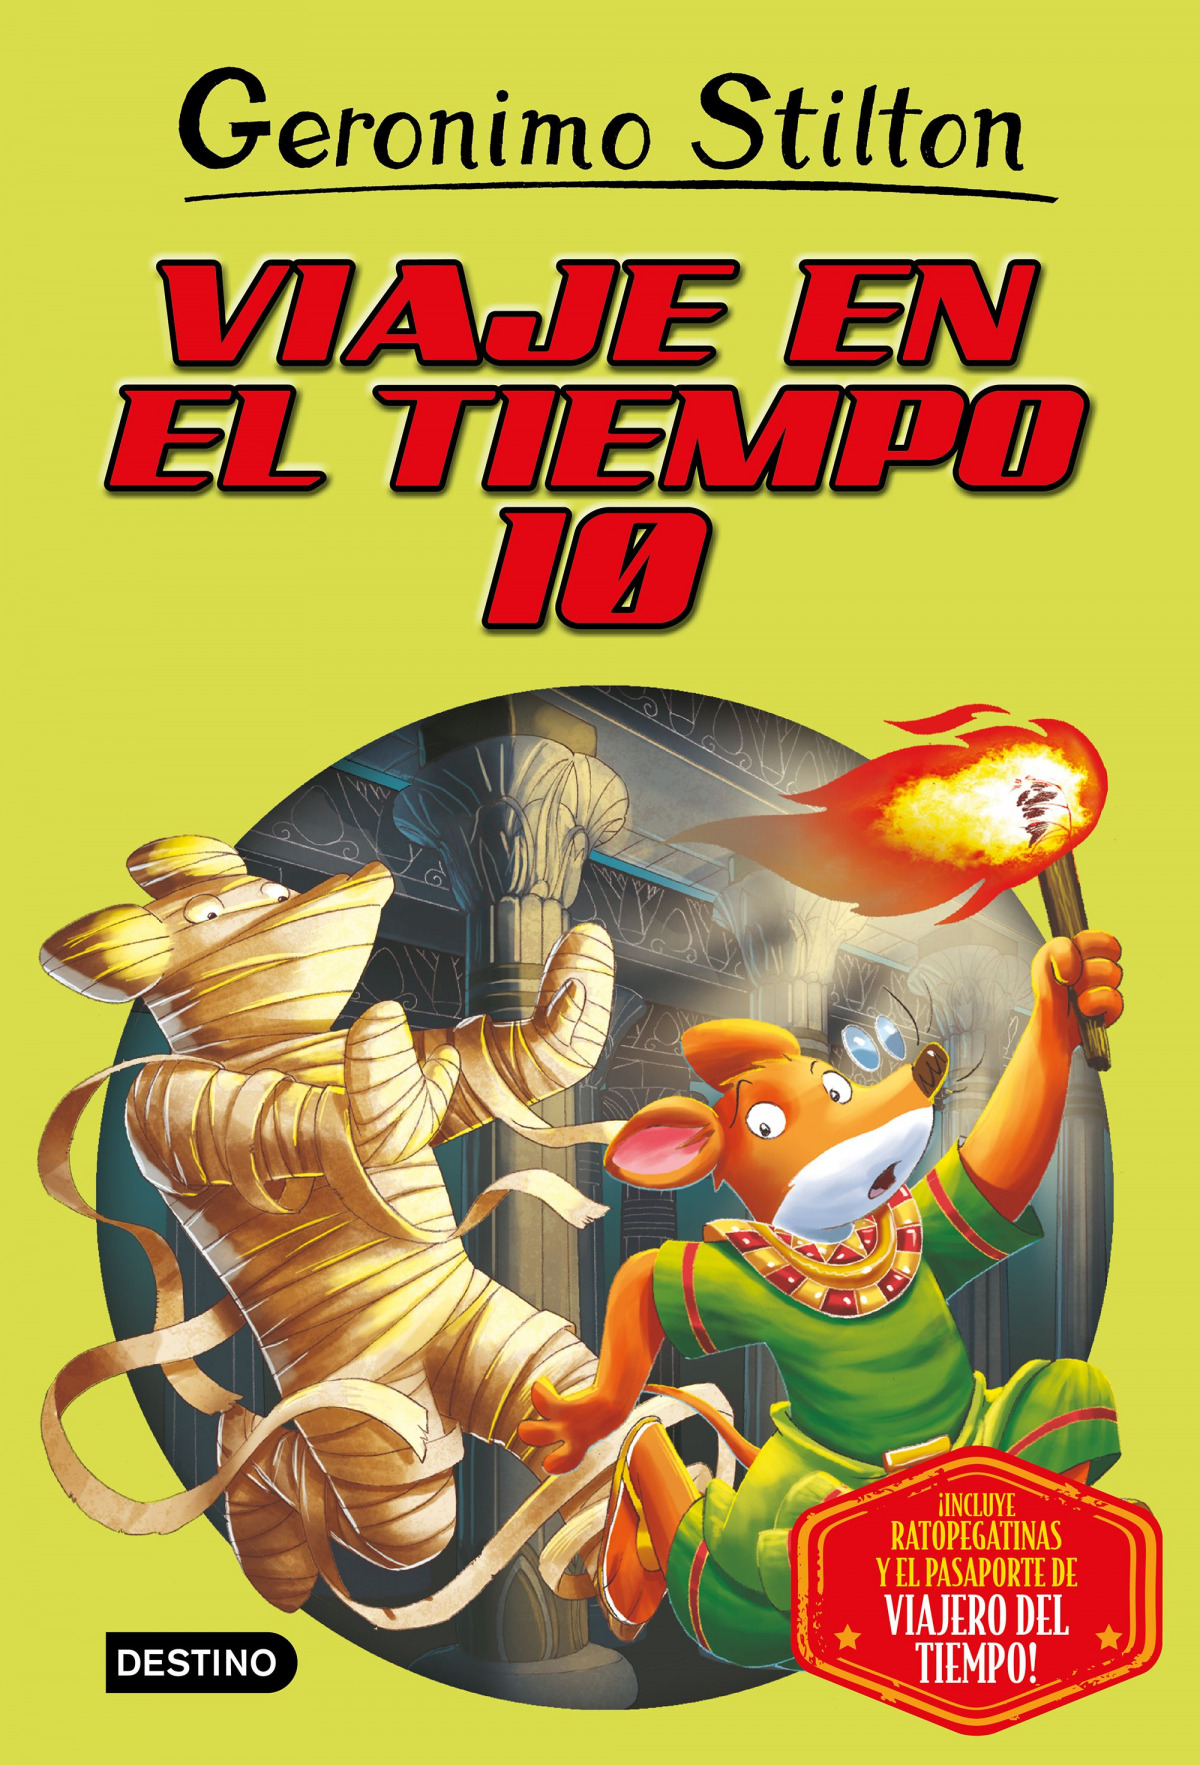 VIAJE EN EL TIEMPO 10 GERONIMO STILTON